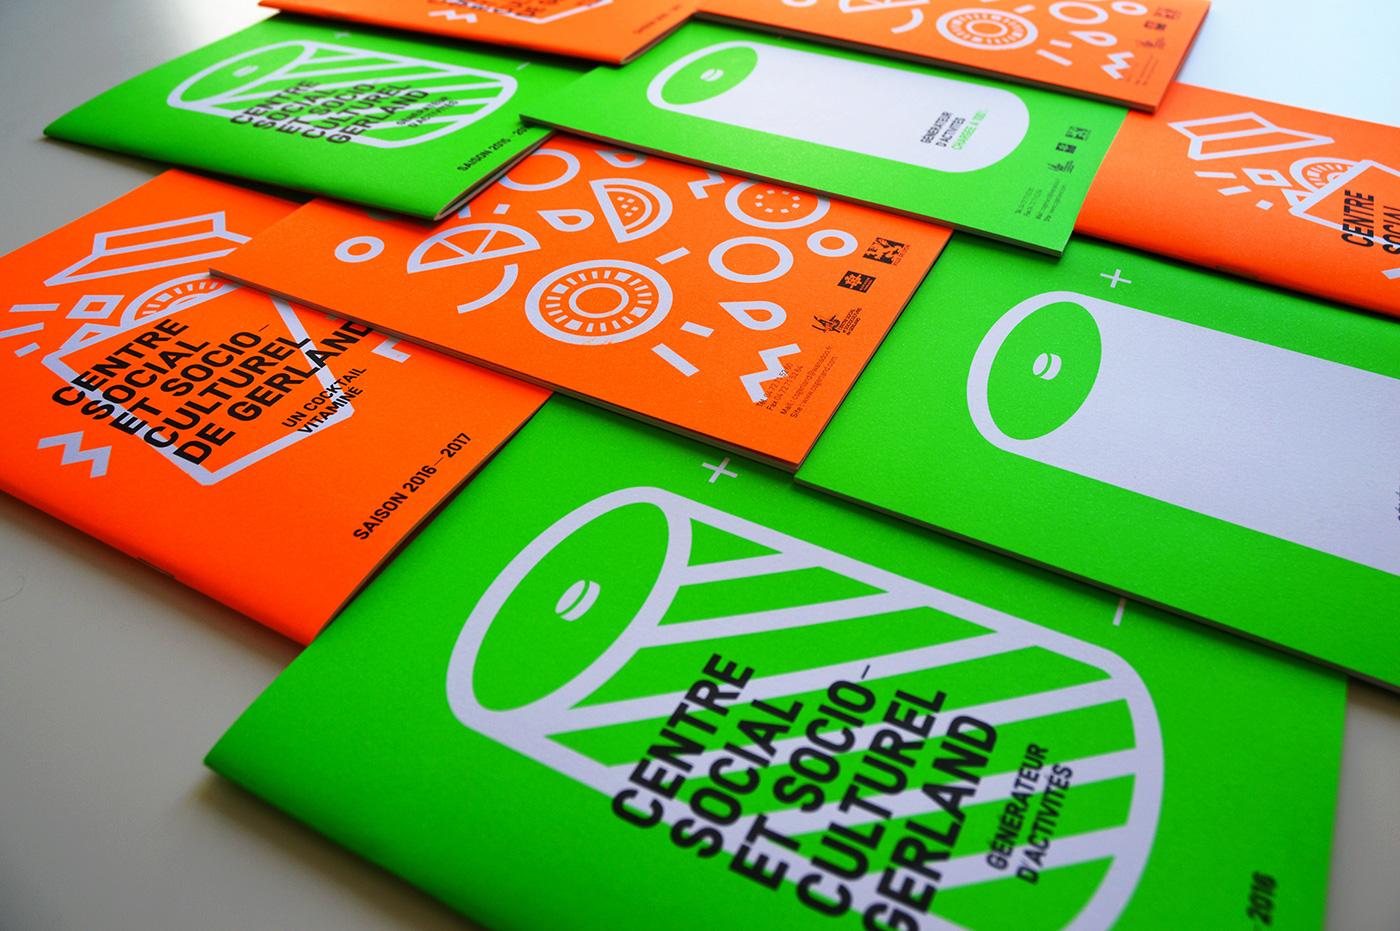 CSG Plaquette 2016-2017 Projet d'édition graphic, Quentin Degrange, Graphiste Freelance Cannes, Nice, Monaco